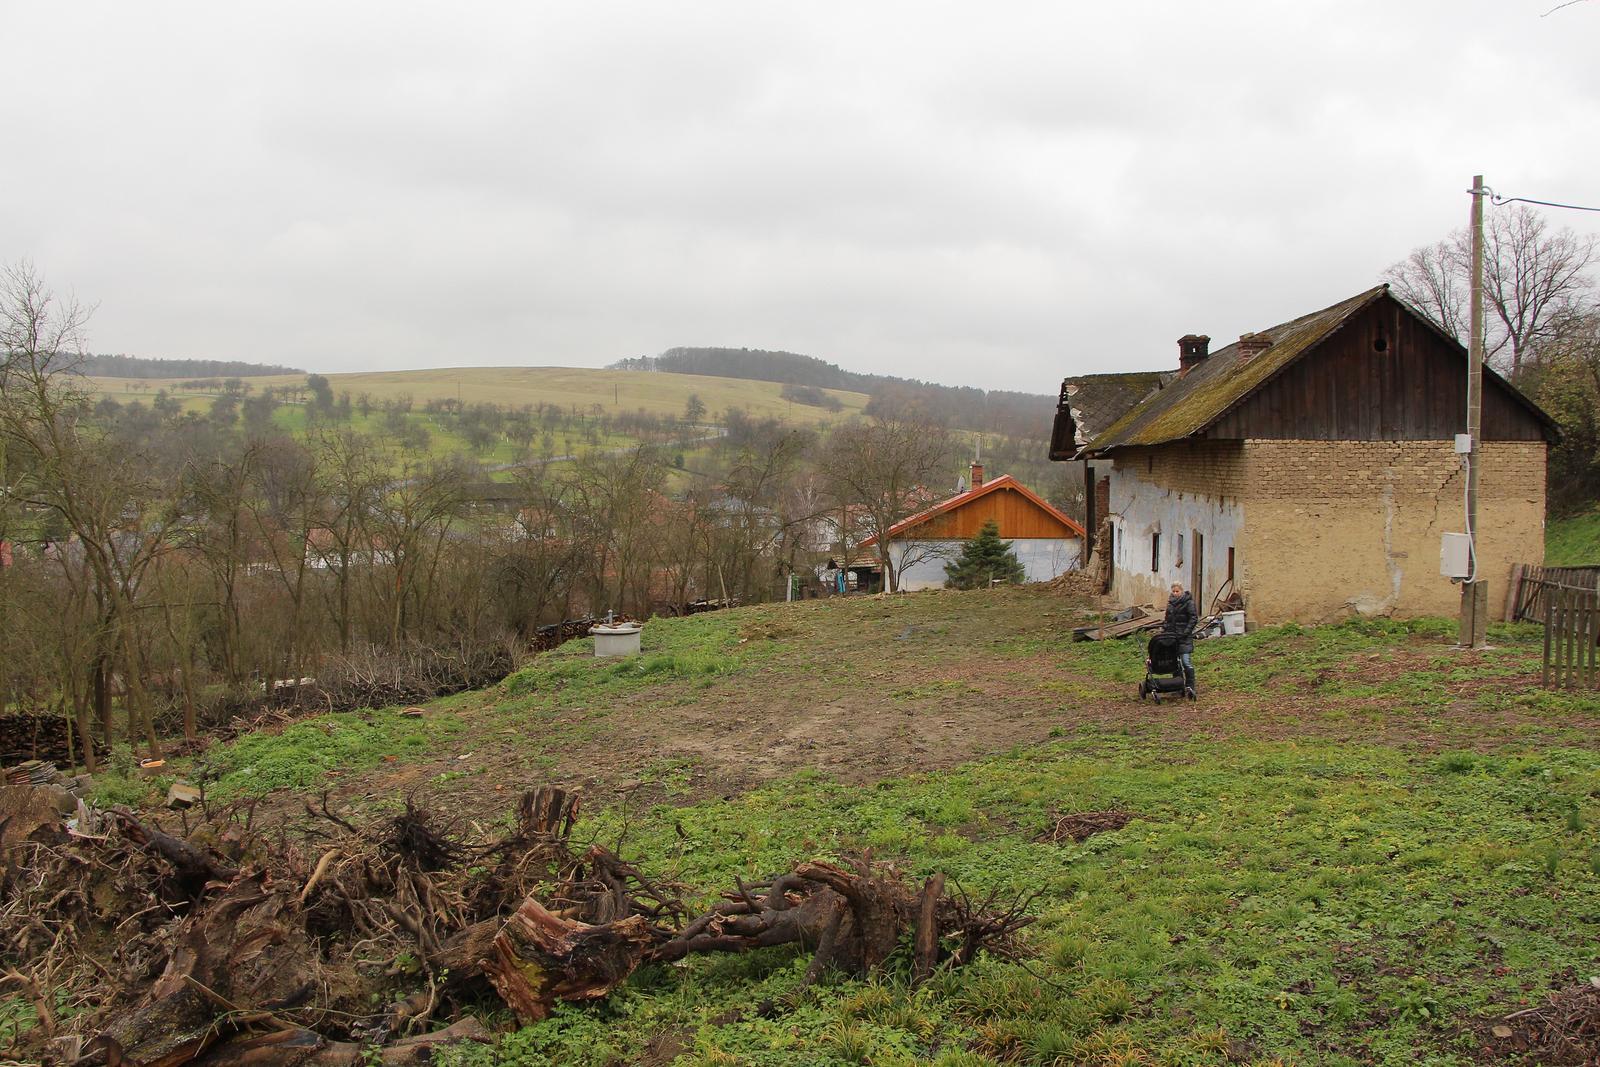 Začínáme..pokračujeme..finišujeme ;-) - náš pozemek... Vlevo končí za tou řadou stromů, vzadu za tou krásnou zříceninkou :-) V tomto místě bude končit dům a veškerý plácek zůstane volný :-)